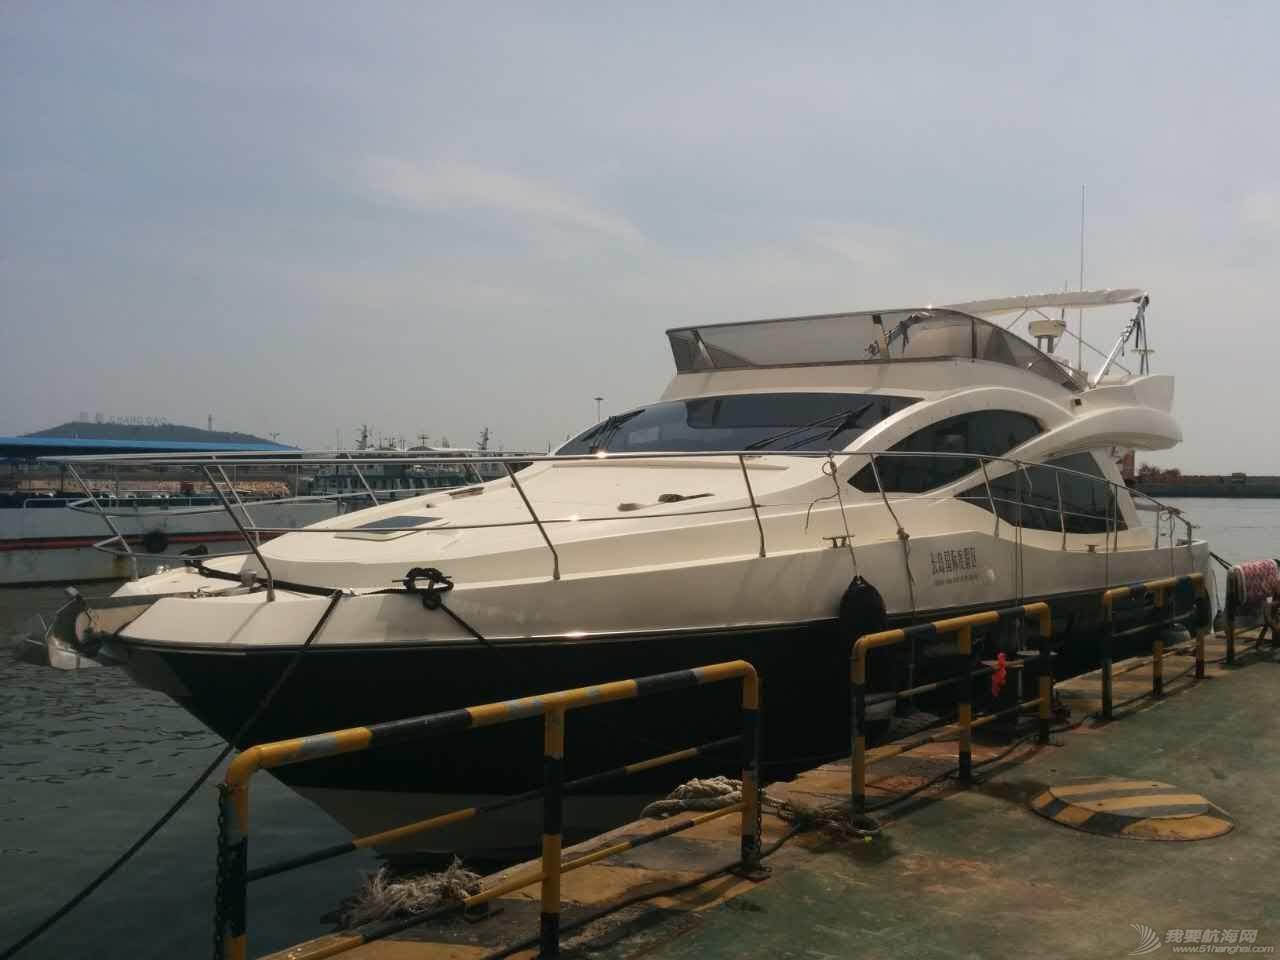 进口 阿斯通达 52Fly 原装进口飞桥艇 超低价出售